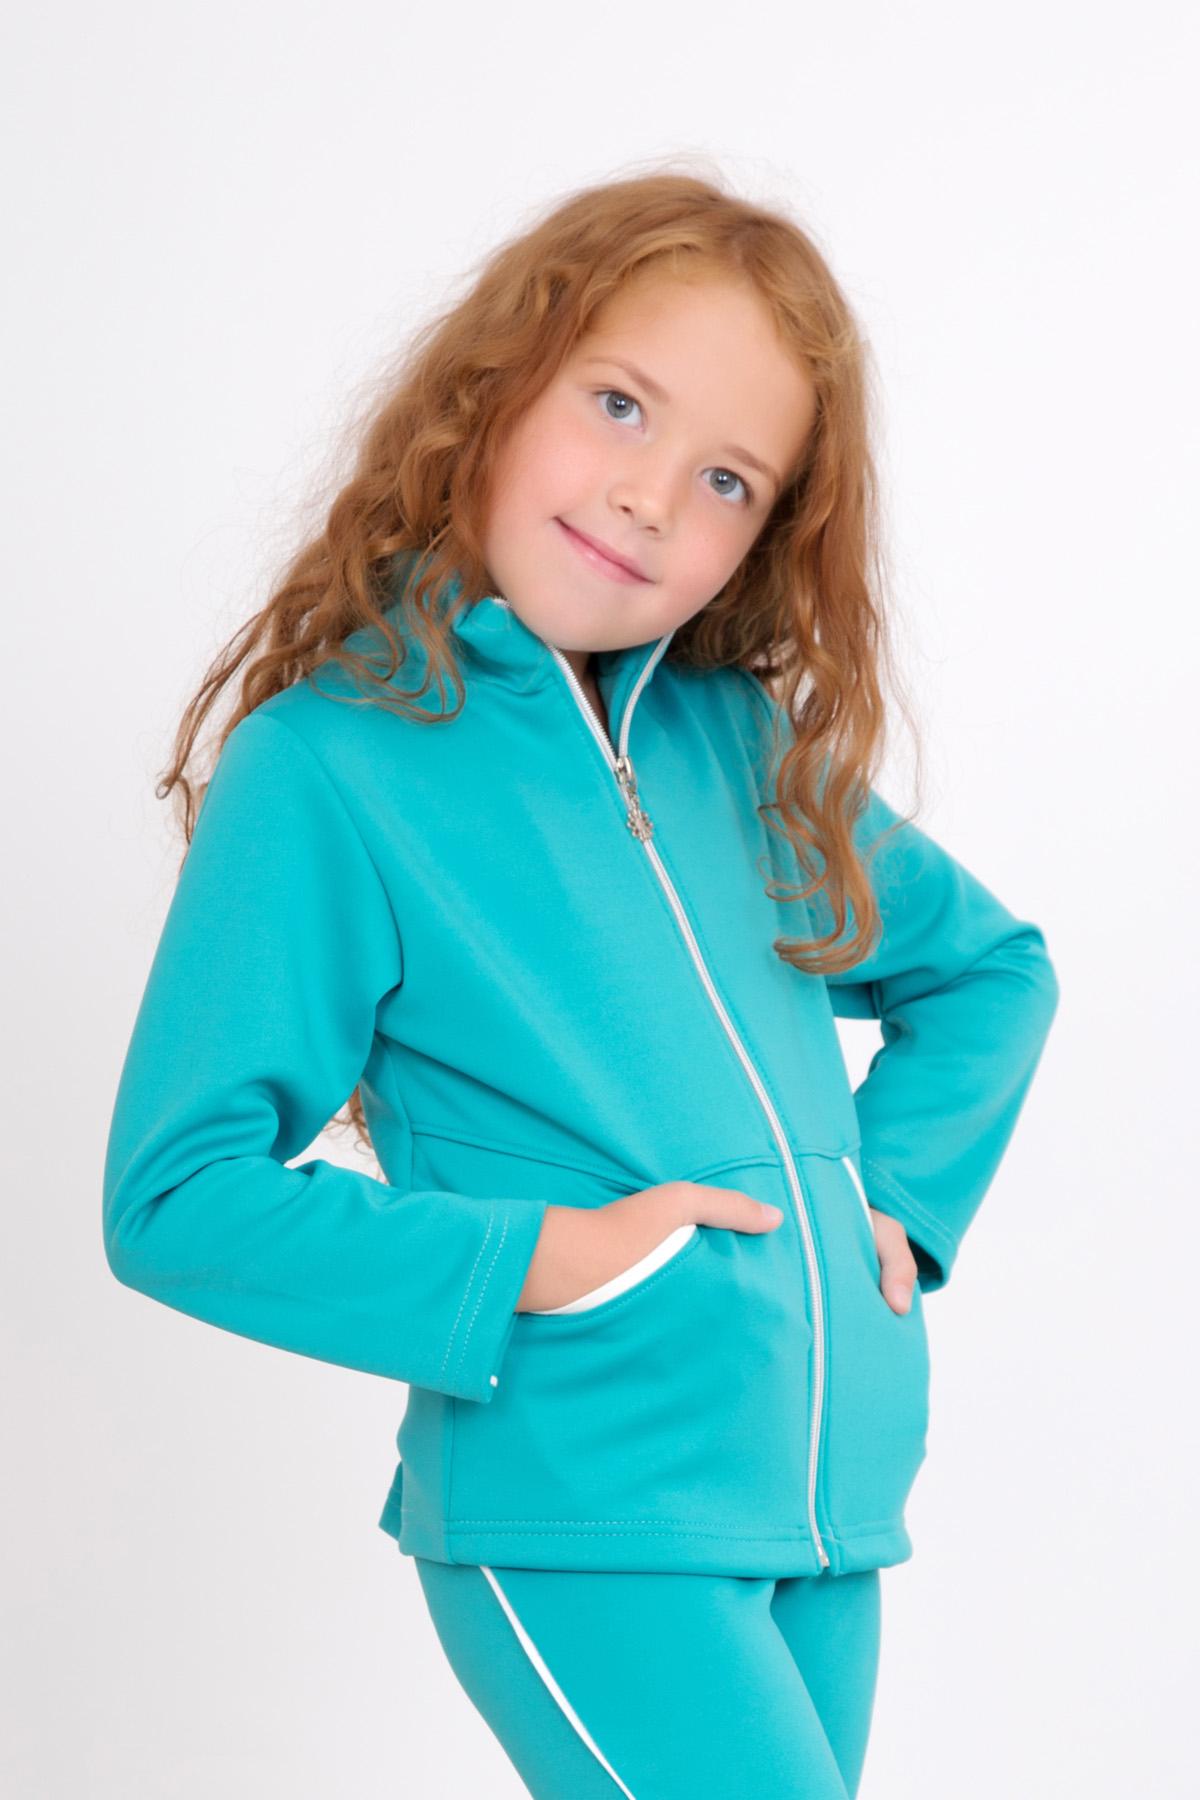 Дет. толстовка Спорт Ментол р. 32Толстовки, джемпера и рубашки<br><br><br>Тип: Дет. толстовка<br>Размер: 32<br>Материал: Полиэстер